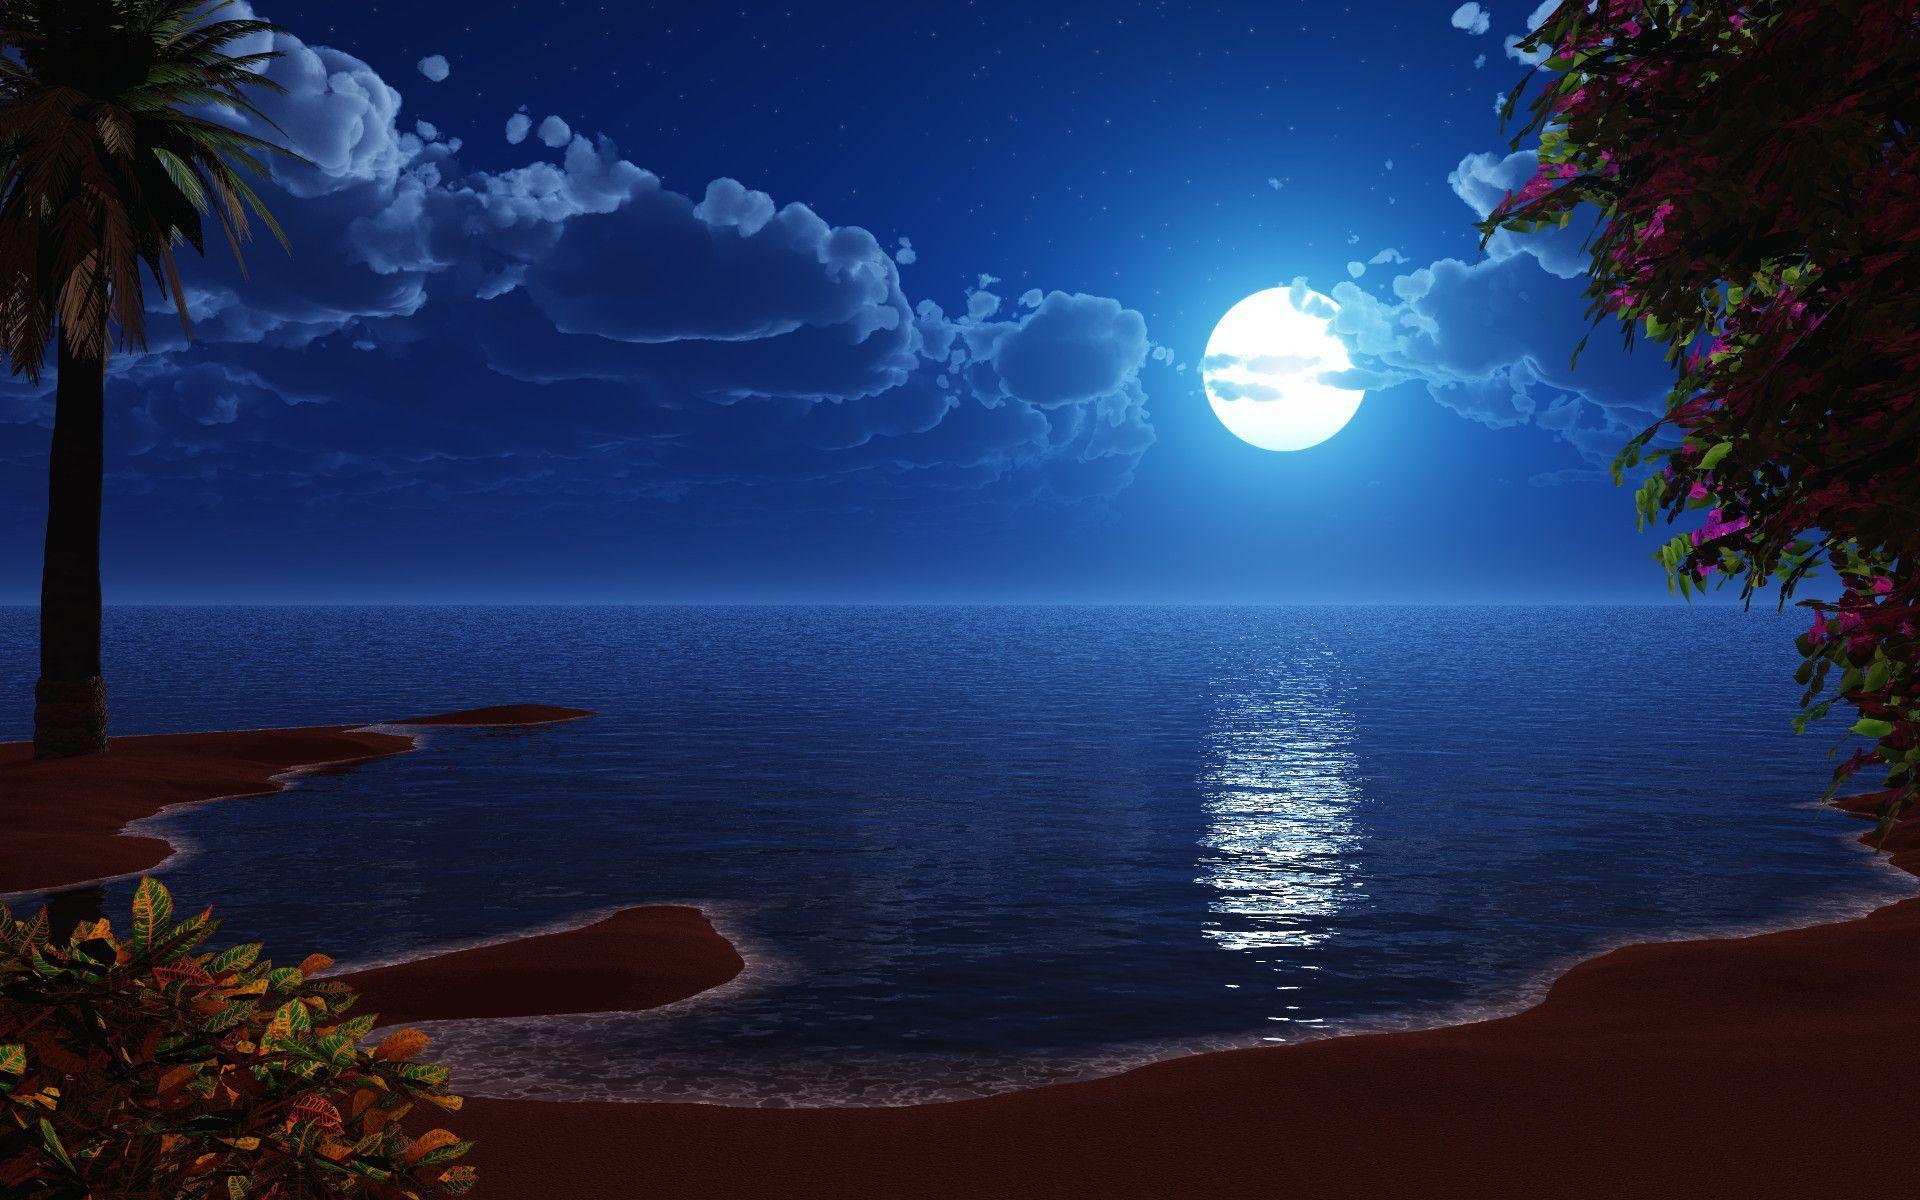 Hd wallpaper moon - The Moon Shining At Night